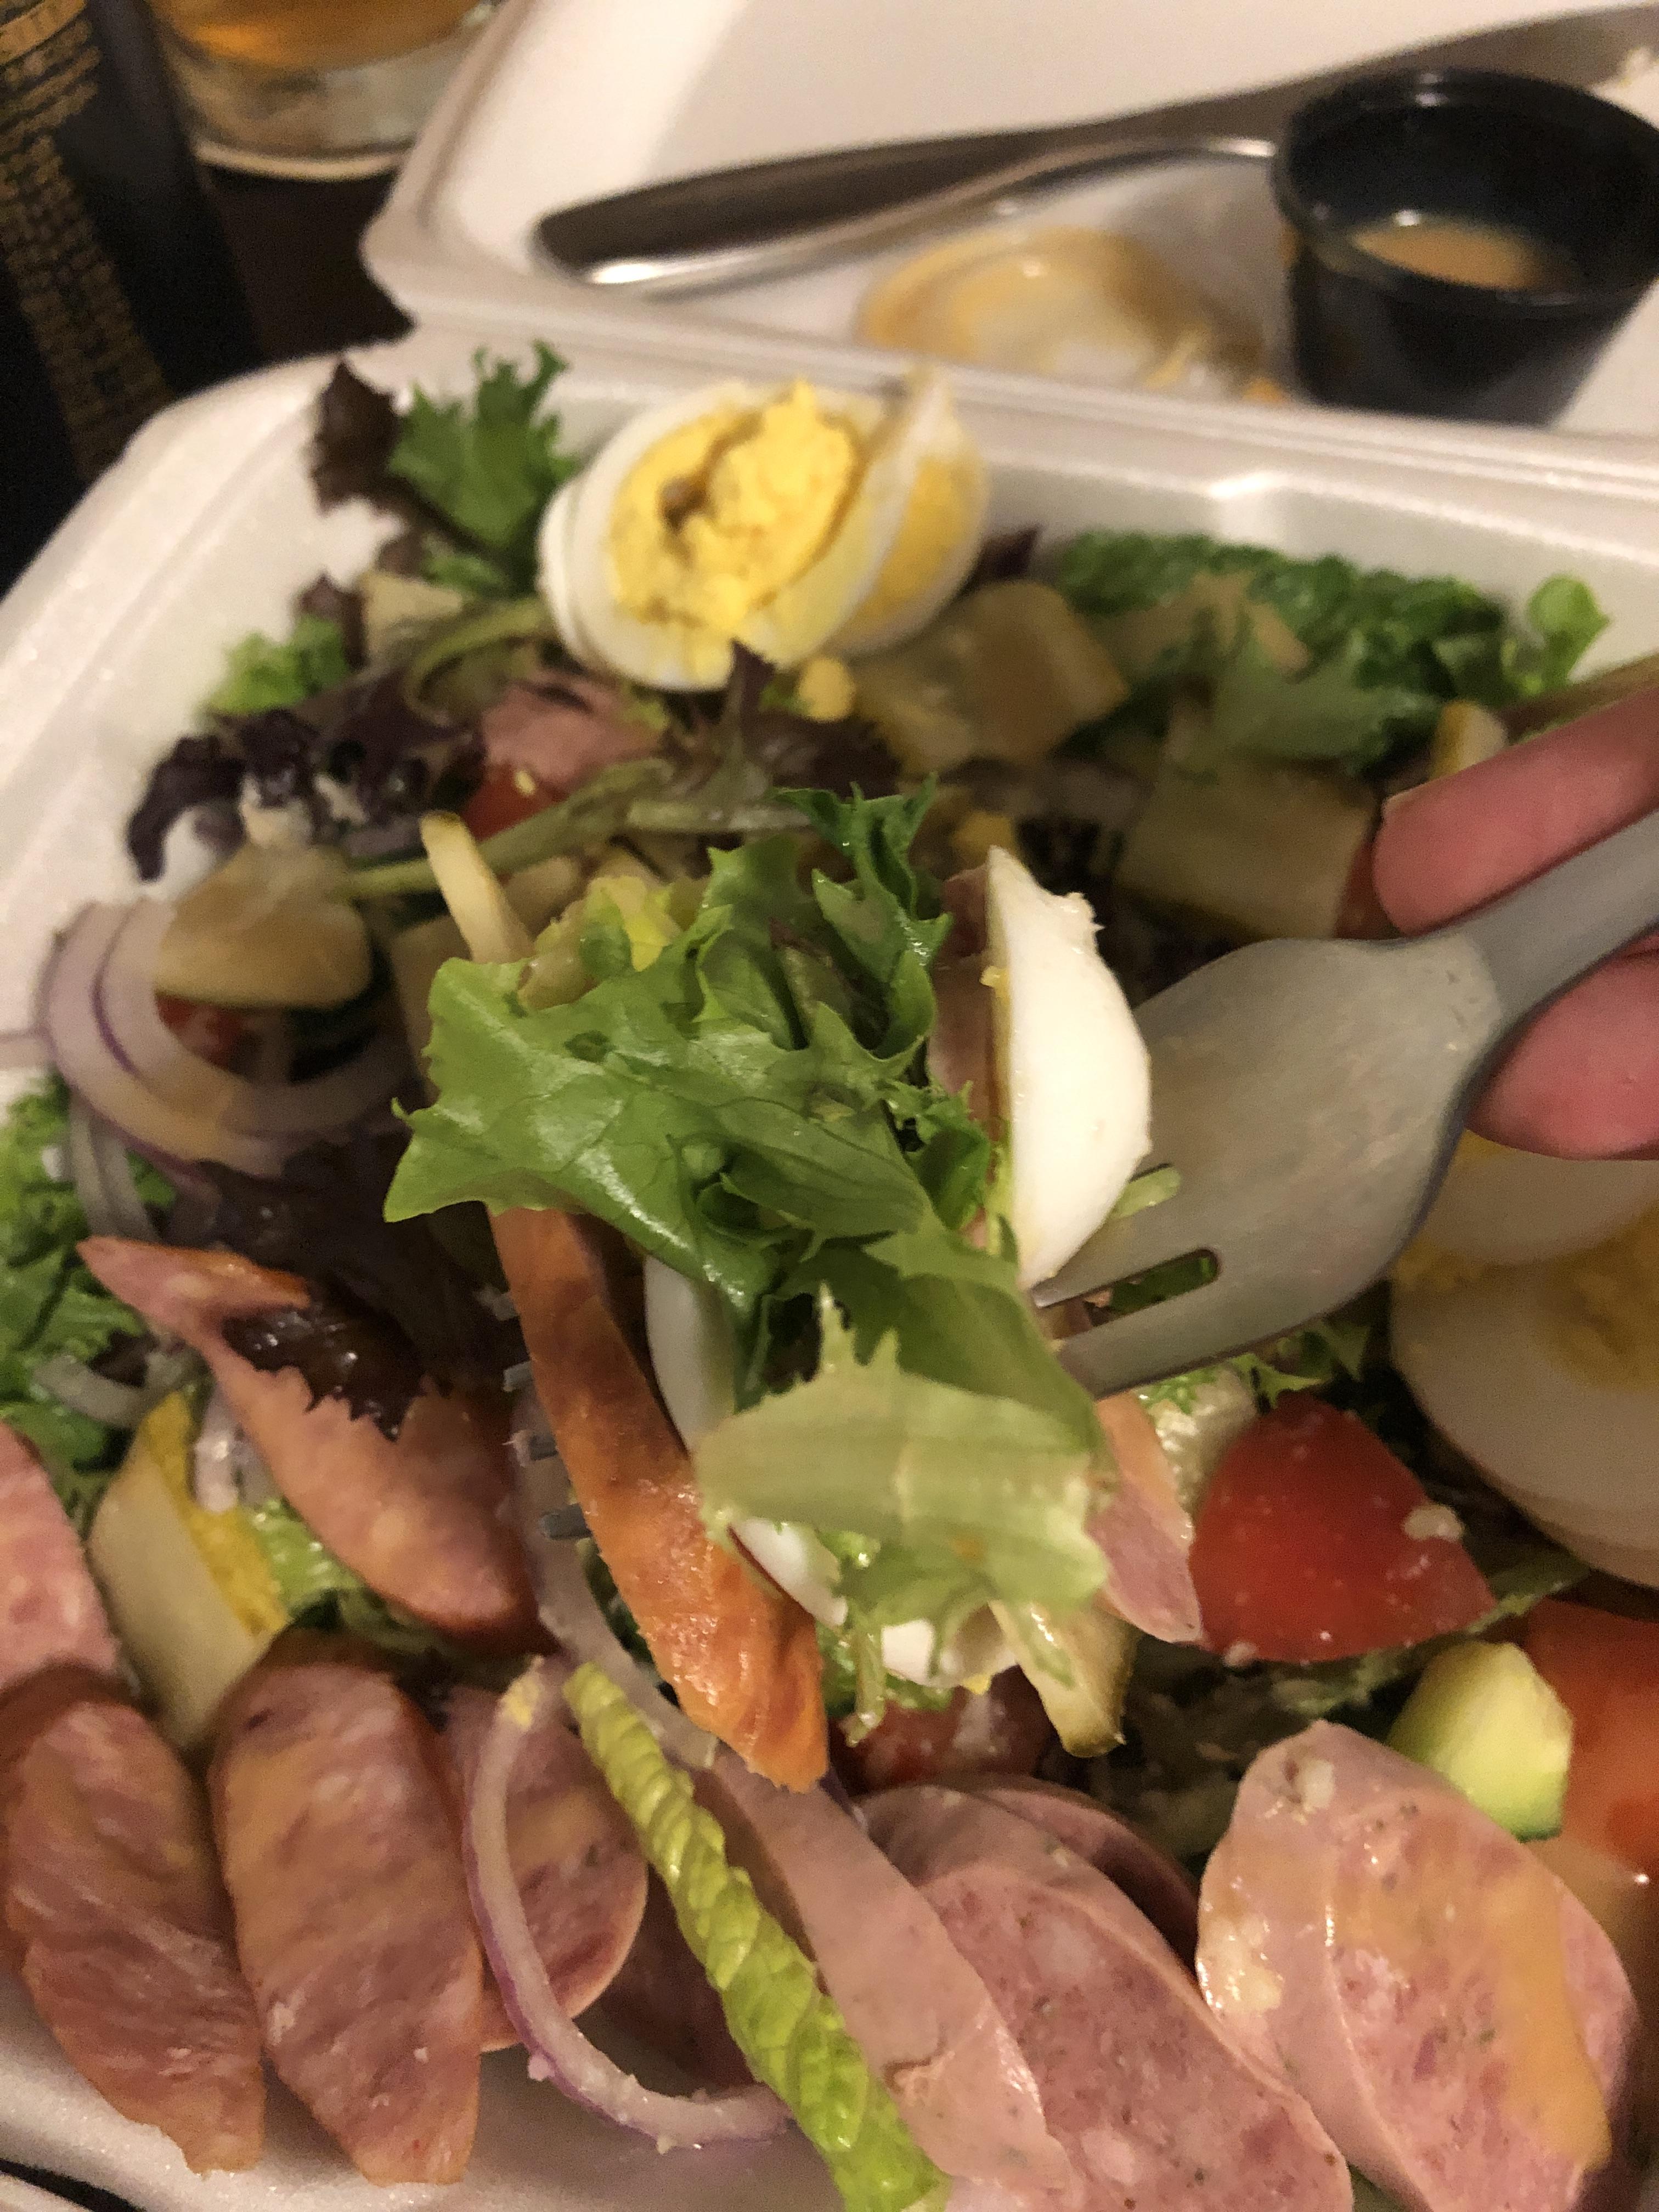 munich_sausage_salad (1)